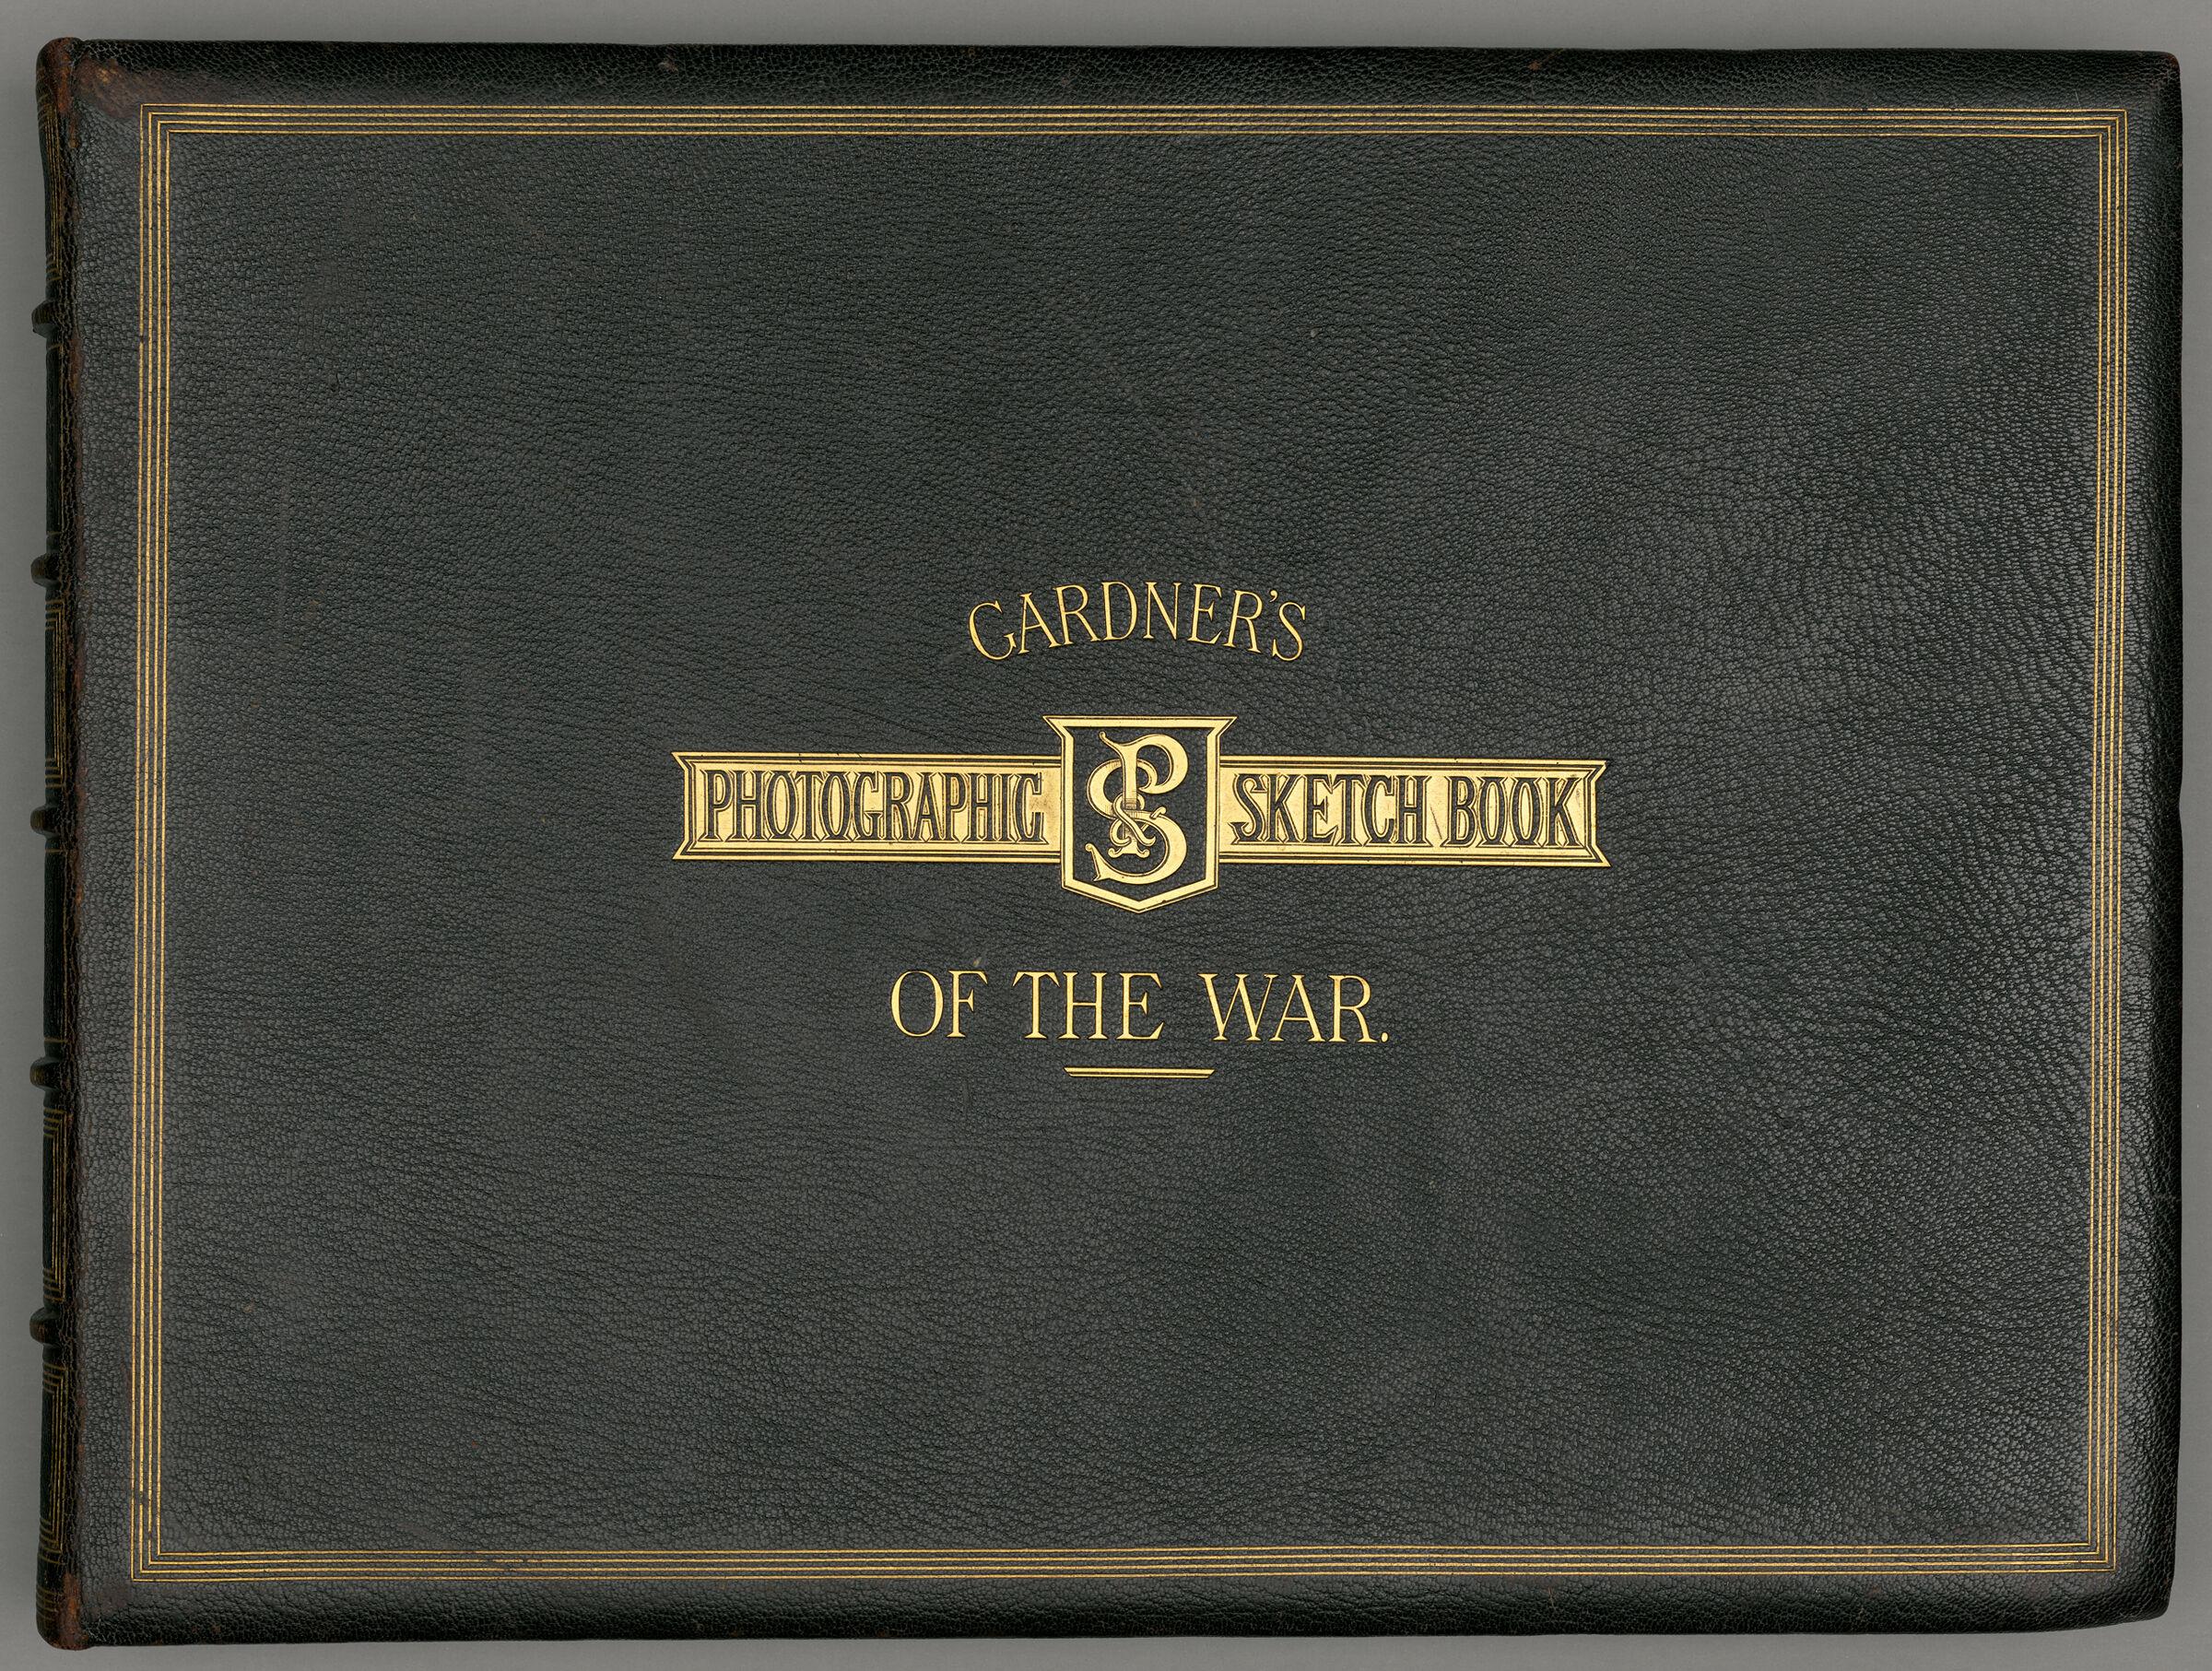 Gardner's Photographic Sketch Book Of The War, Volume Ii